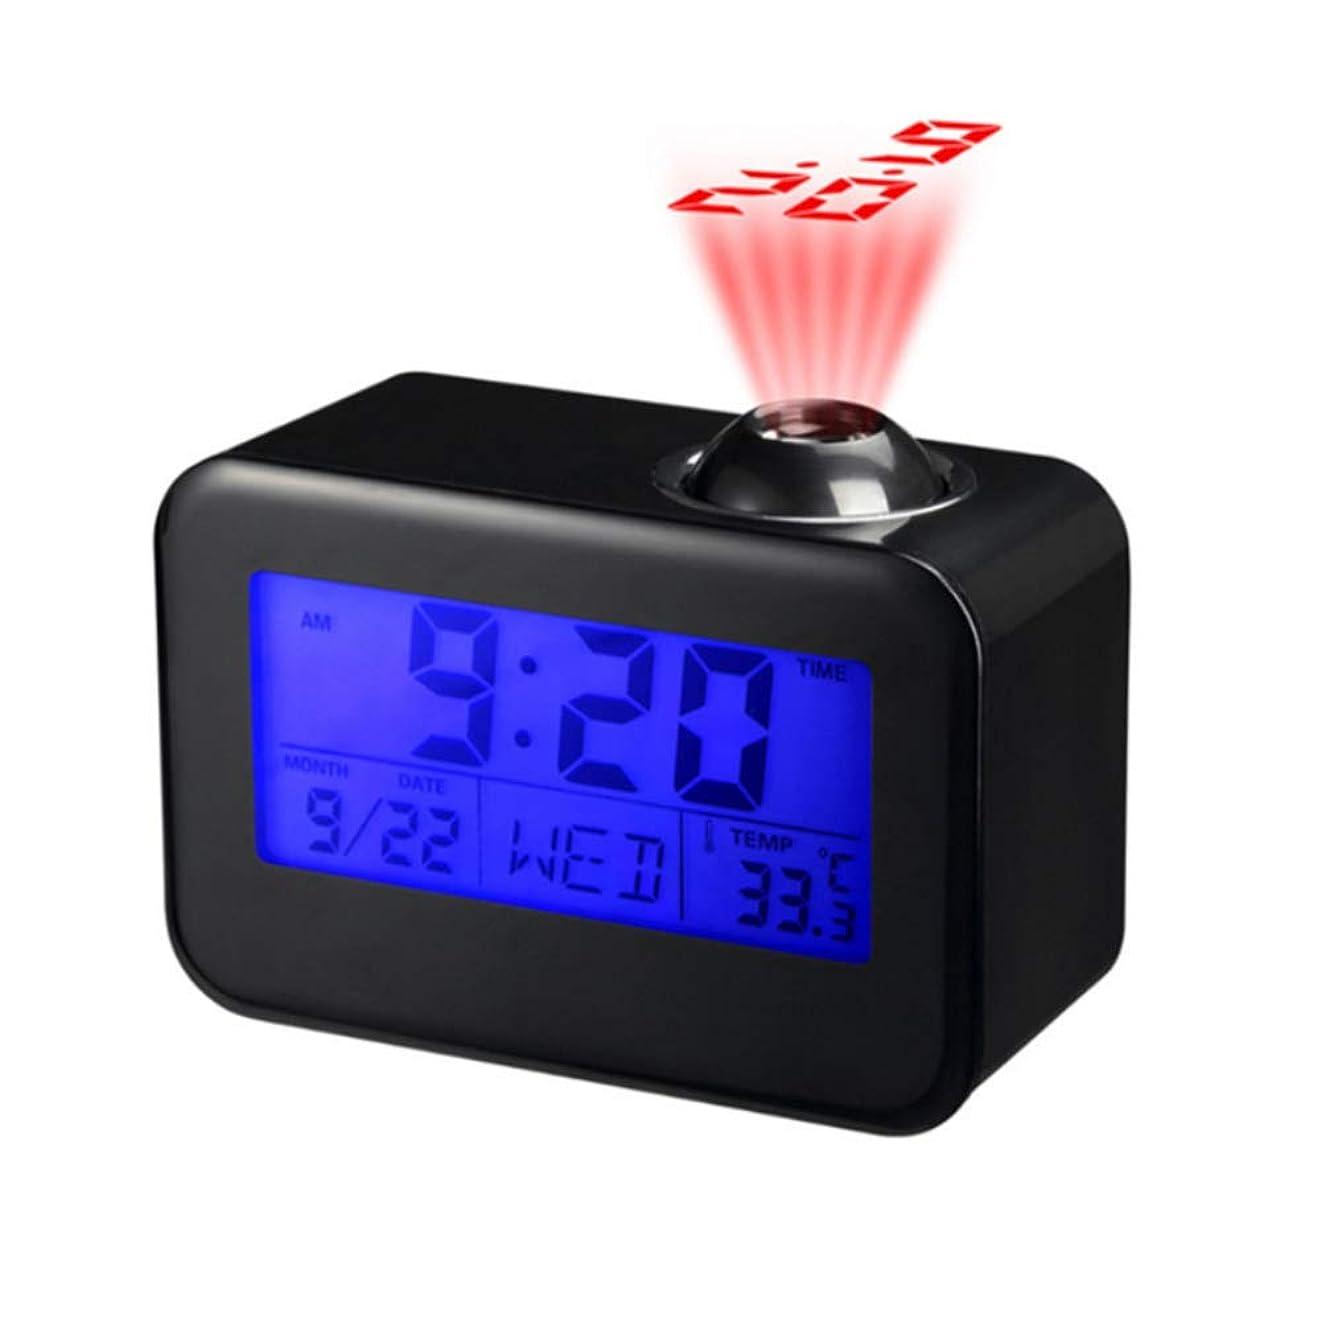 テレビチャンピオン隠すLEDデジタルプロジェクションクロックパーペチュアルカレンダー、音声制御/発光画面/音声時間/ミュート/スヌーズモード/タイム放送、最高の贈り物時計